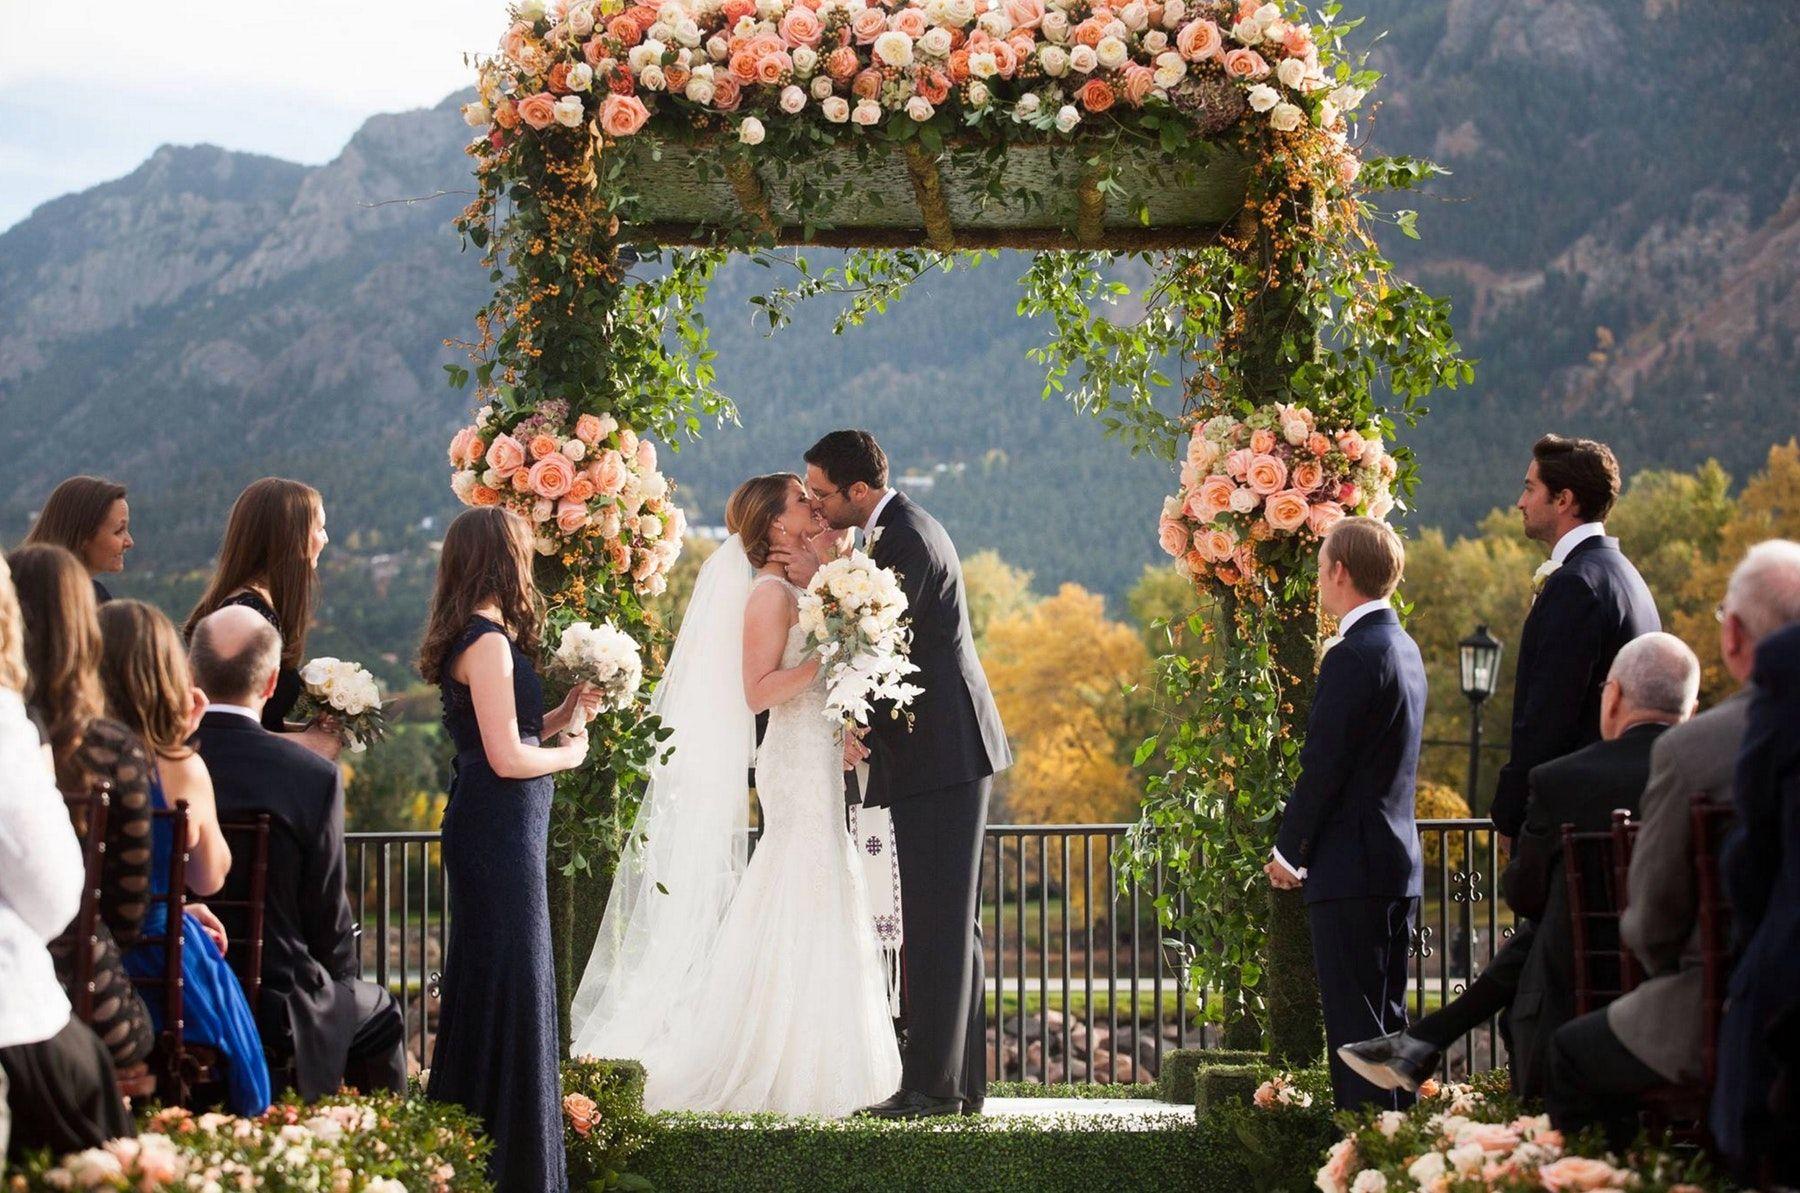 The Broadmoor Weddings Colorado Springs Wedding Venue